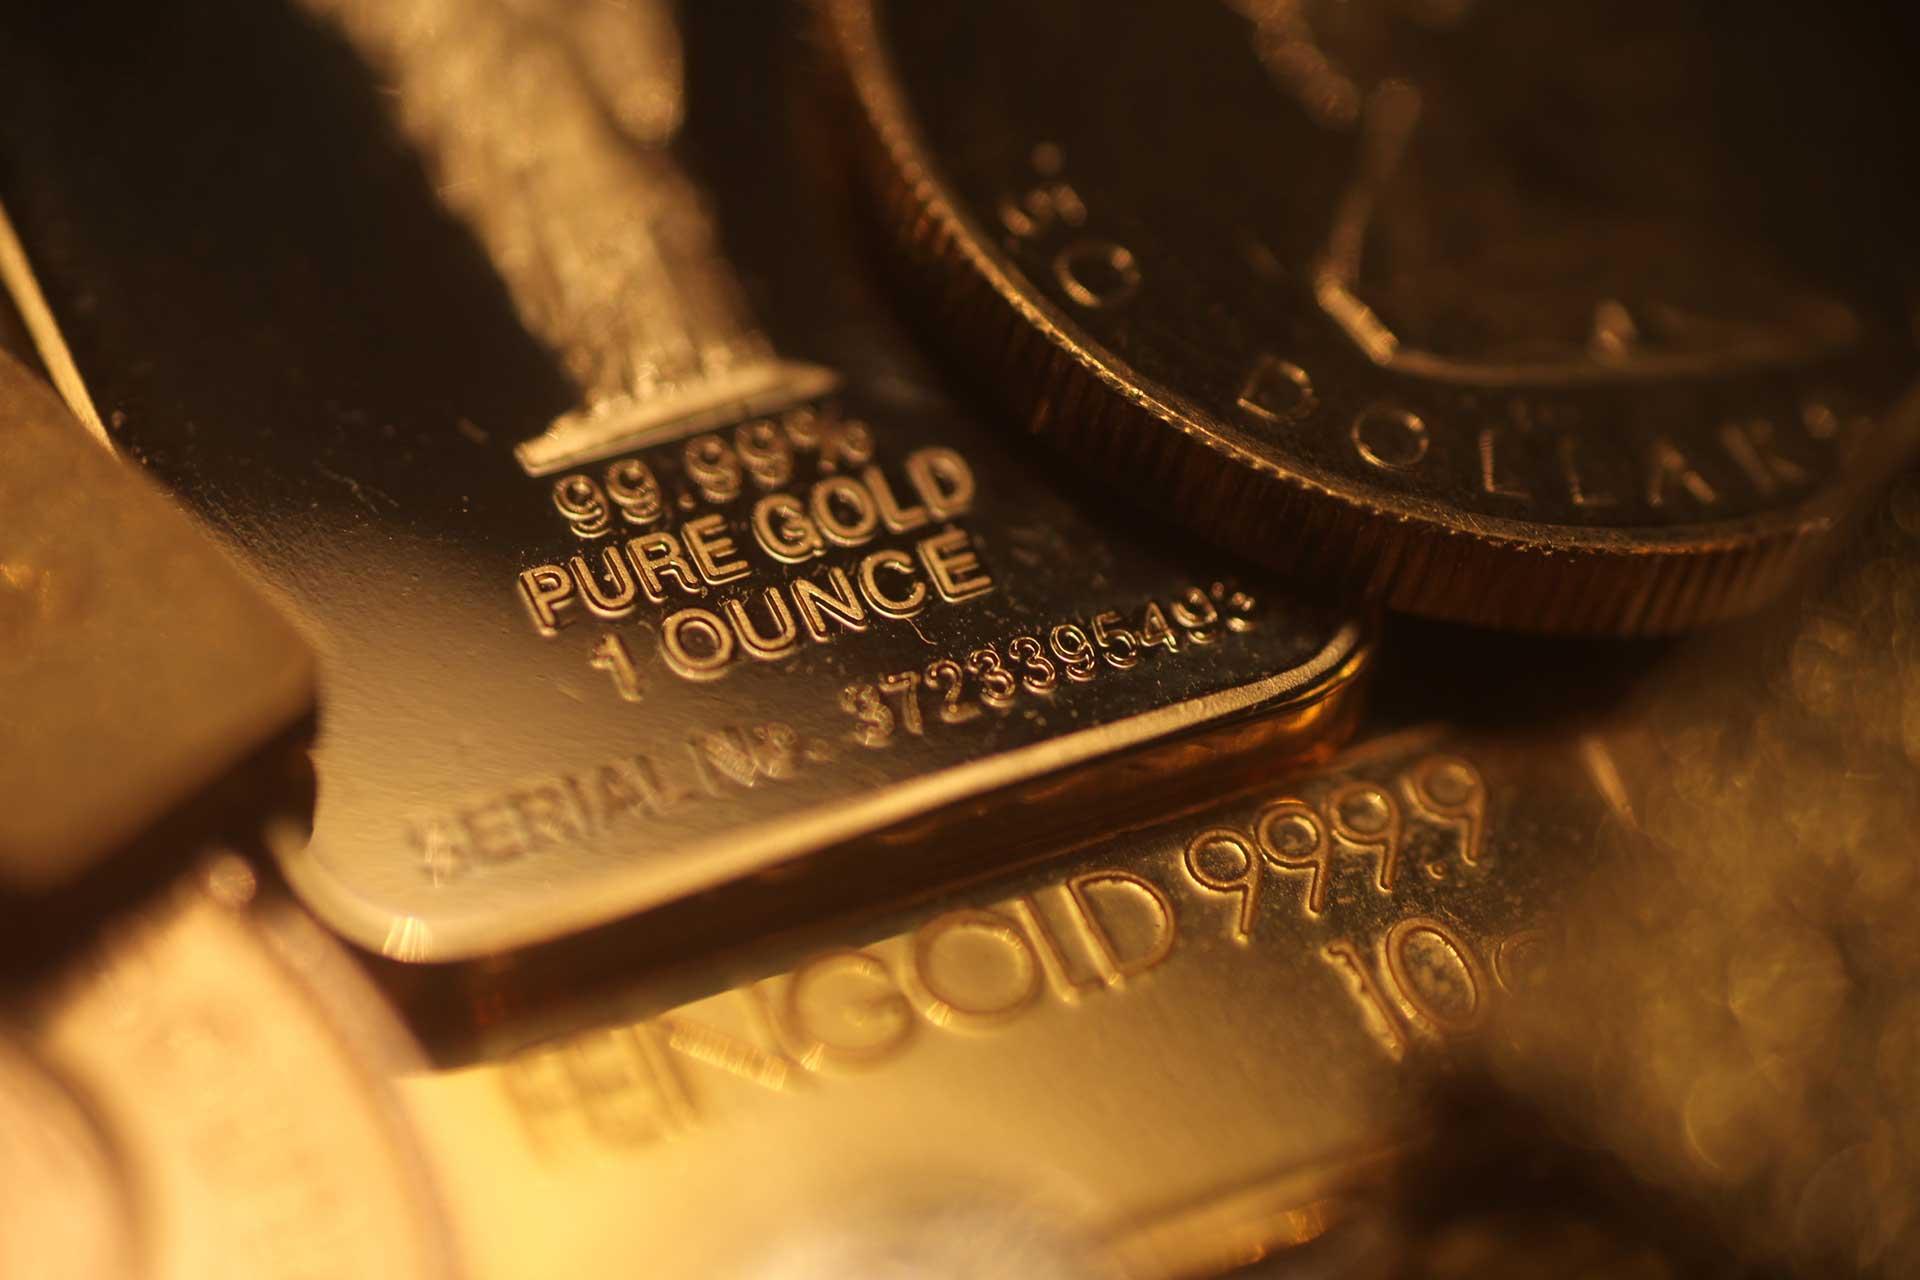 rolex-uhrenankauf-wien-juwelier-sascha, Breitling-Markenuhr-Uhren-Ankauf-Wien-Juwelier-Sascha, Goldringe, Bruchgold, Silberbesteck gold - GoldAnkaufBanner - Gold – Silber – Schmuck – Münzen Ankauf in Wien. Wir kaufen Ihr Gold